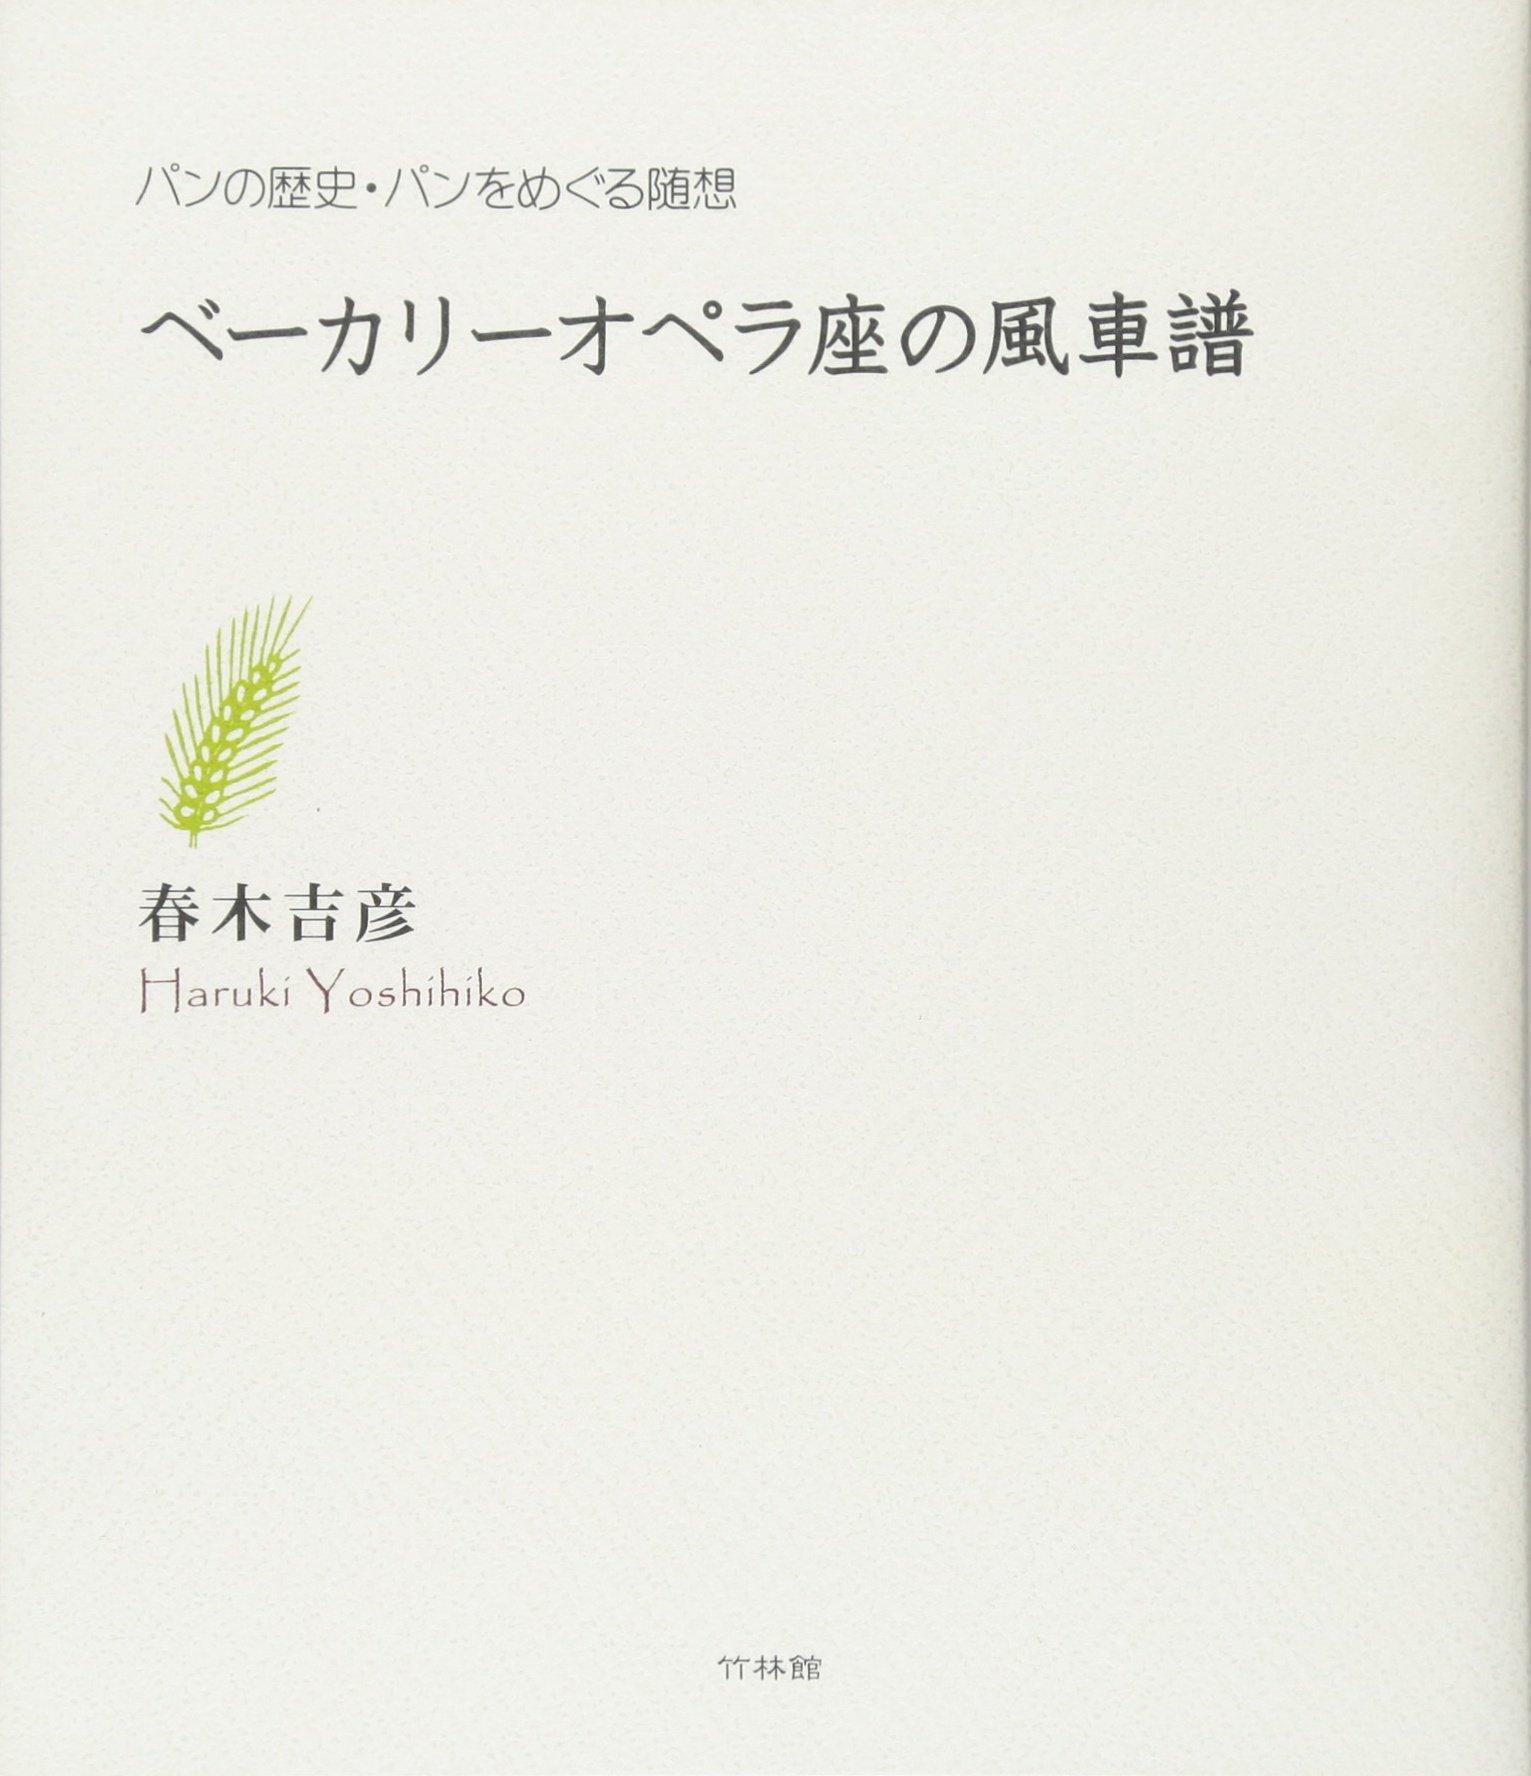 Download Bēkarī operaza no fūshafu : Pan no rekishi pan o meguru zuisō pdf